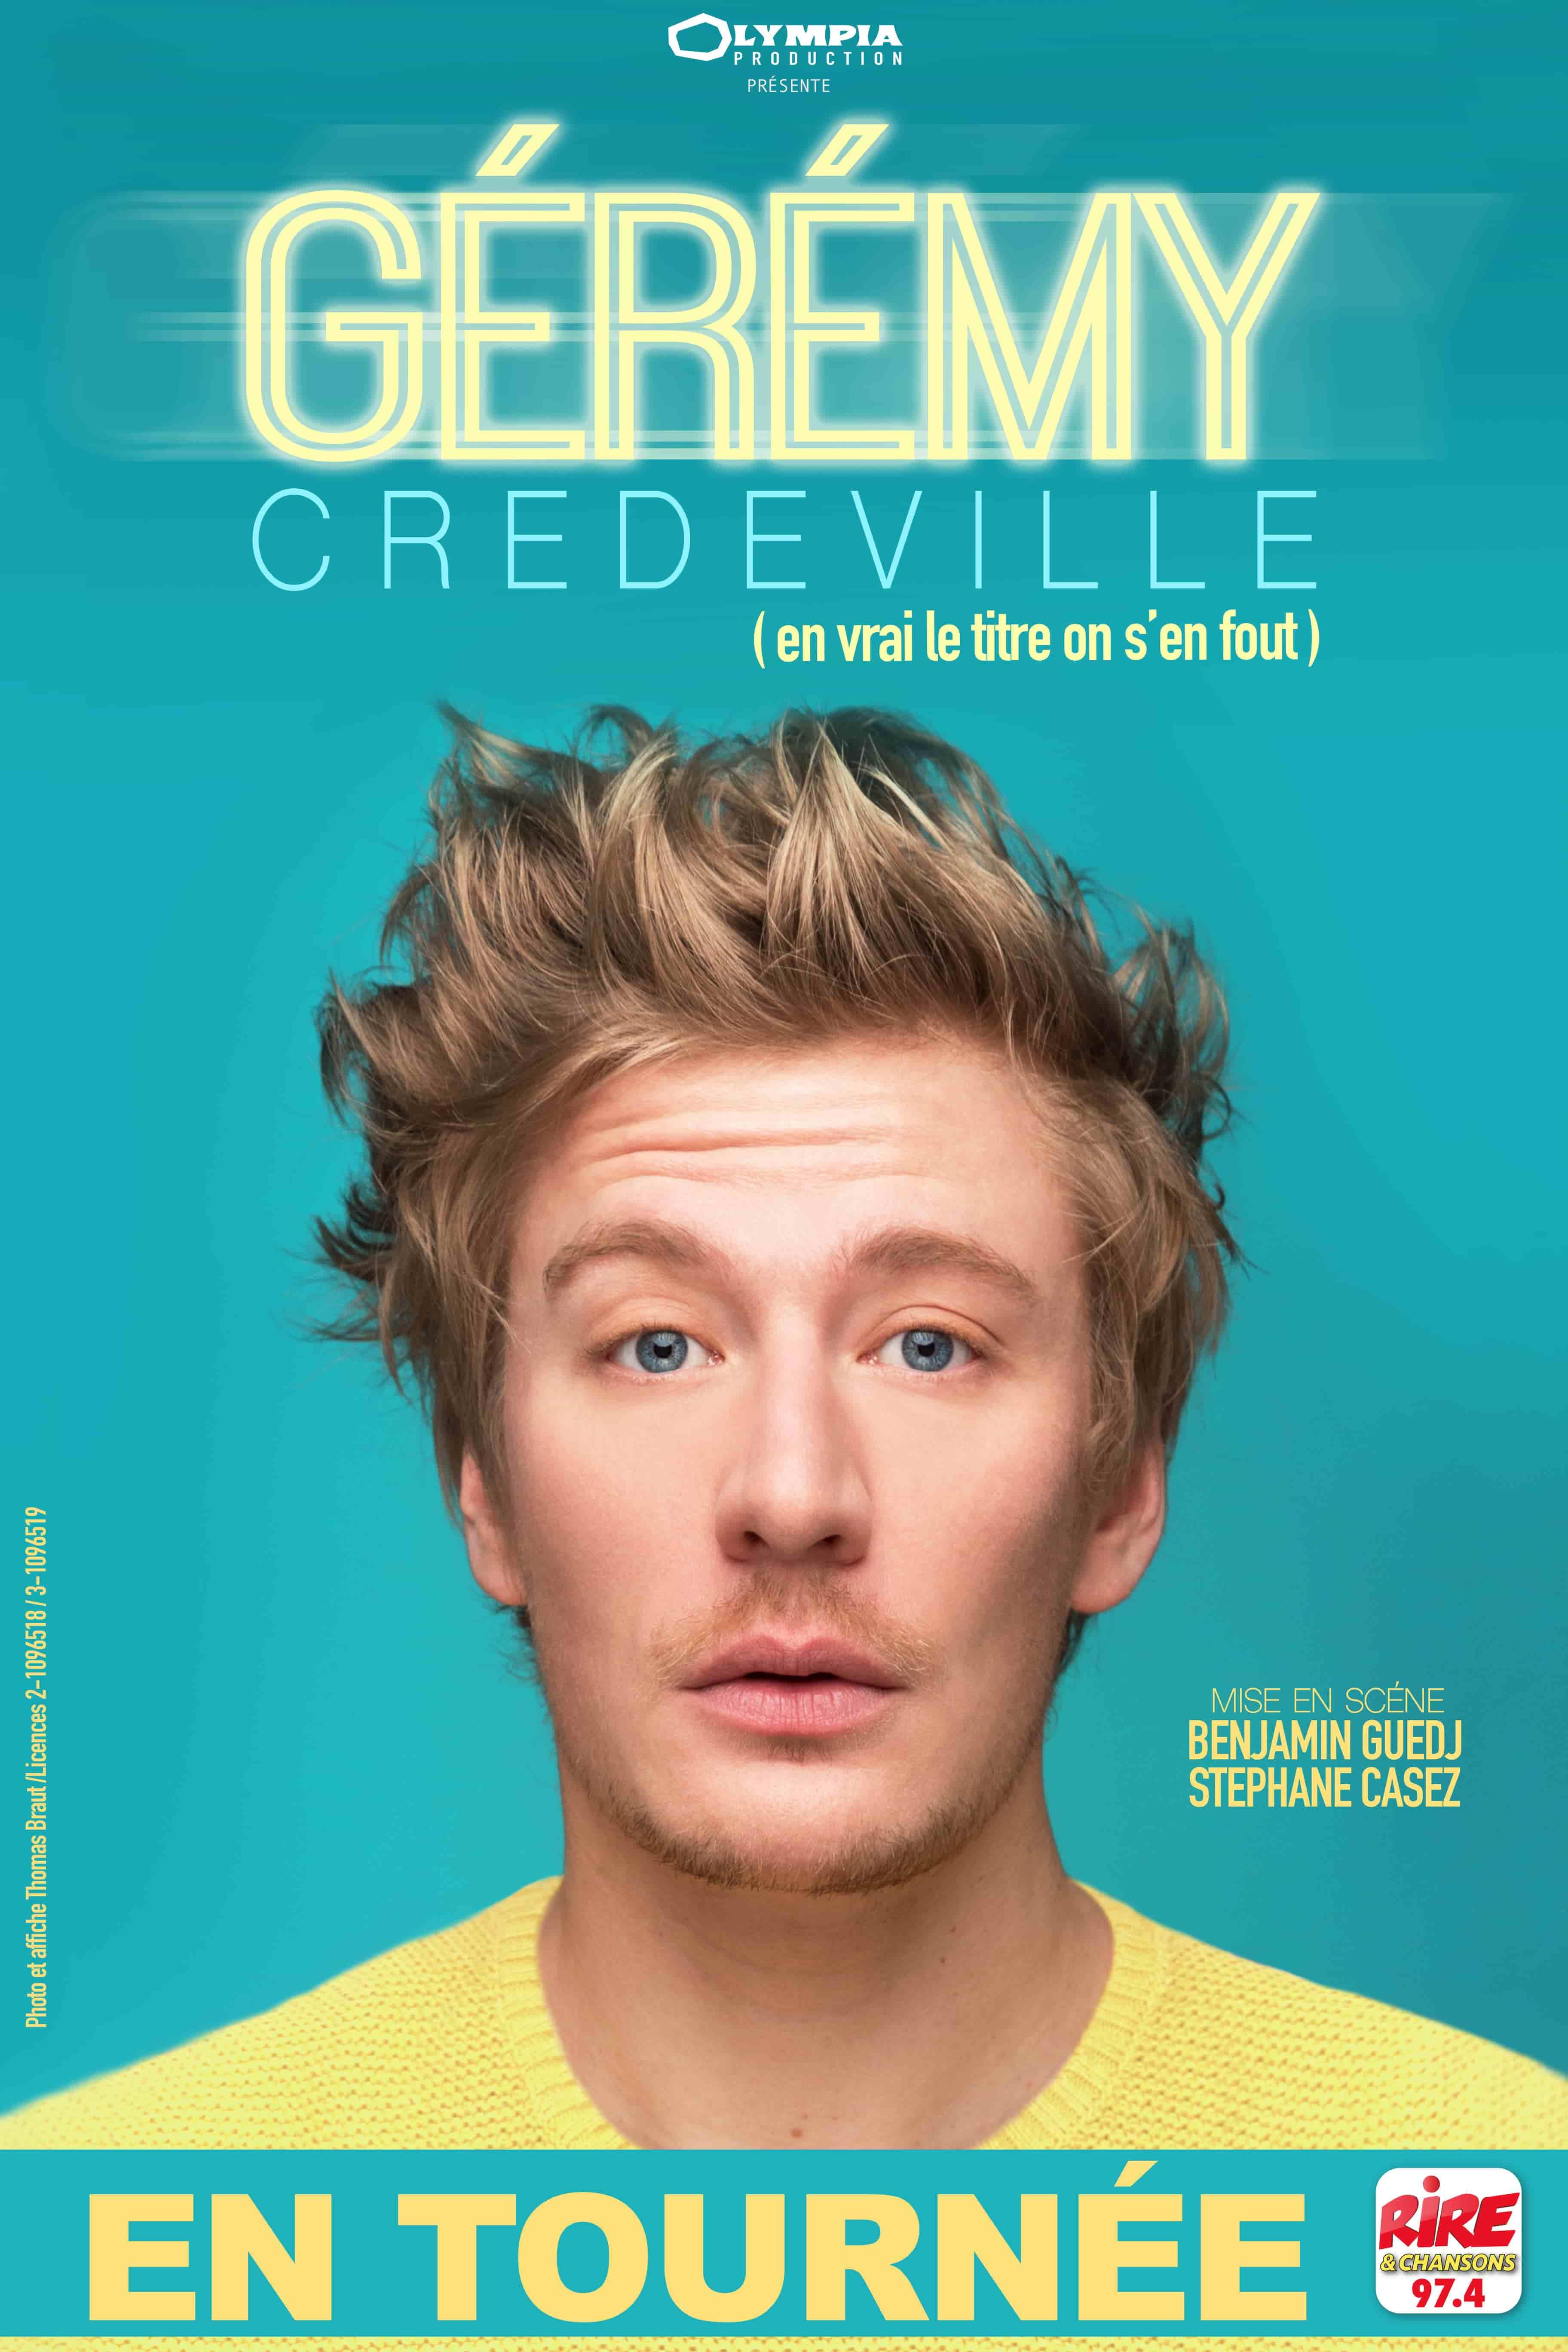 Gérémy Credeville - One man show - Humour - Marseille - Théâtre - L'Art Dû - 13006